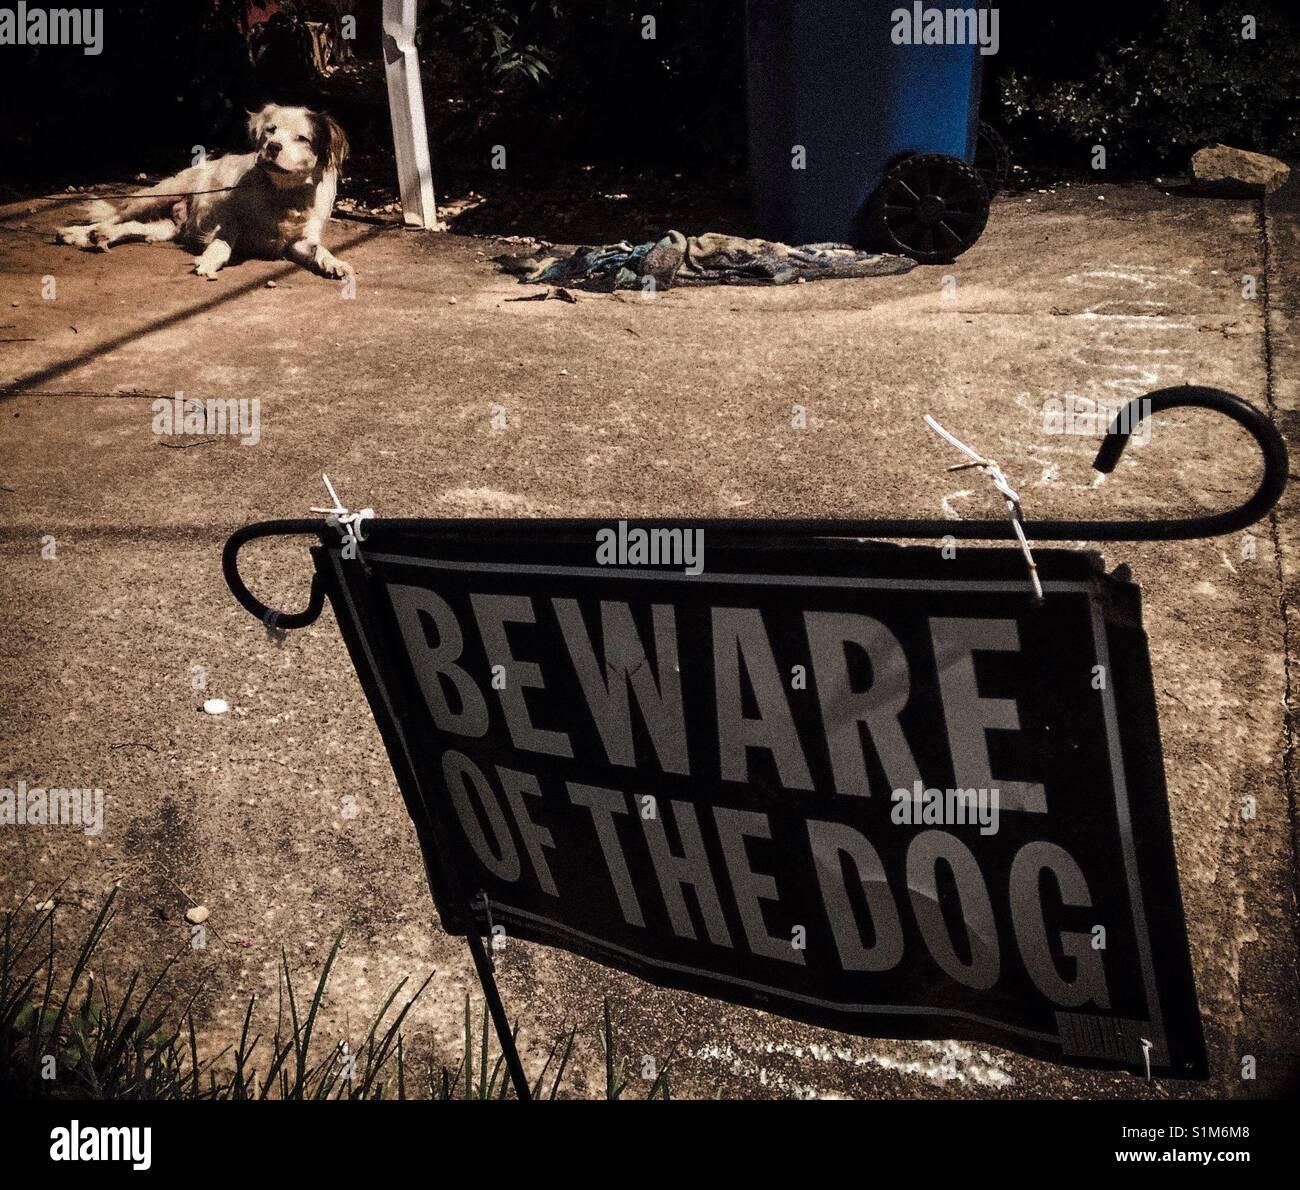 Awakened dog eyes photographer behind Beware of Dog sign - Stock Image